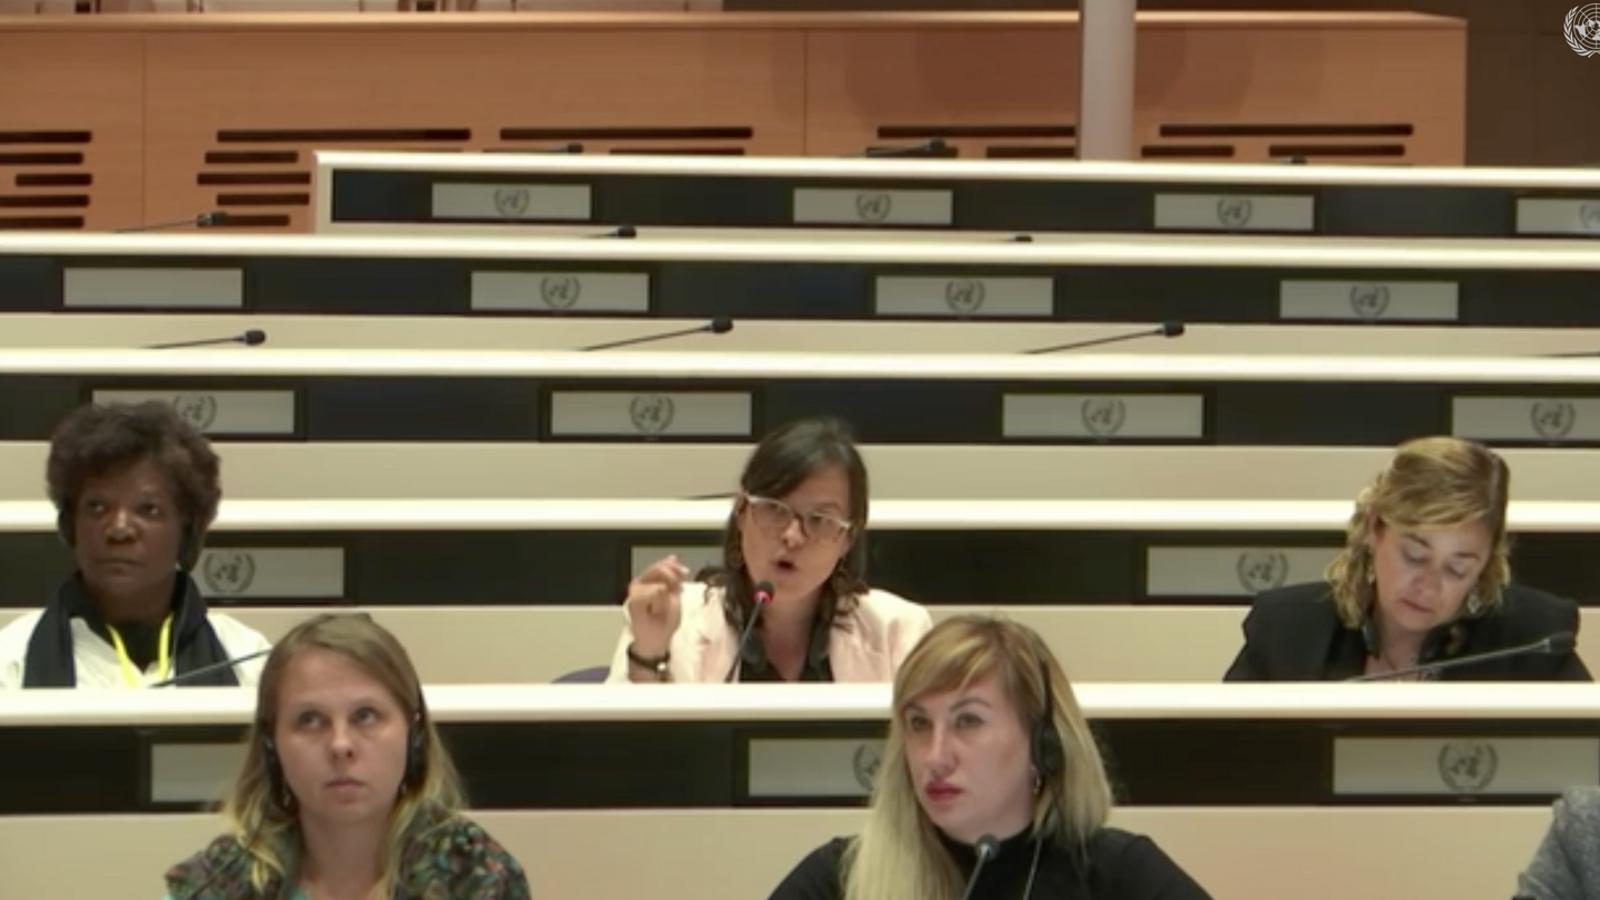 La presidenta d'Stop Violències, Vanessa M. Cortés, i l'advocada de l'Associació, Elisabet Zoppeti, durant la intervenció en la 74a sessió sobre l'eliminació de les discriminacions envers les dones. / ONU